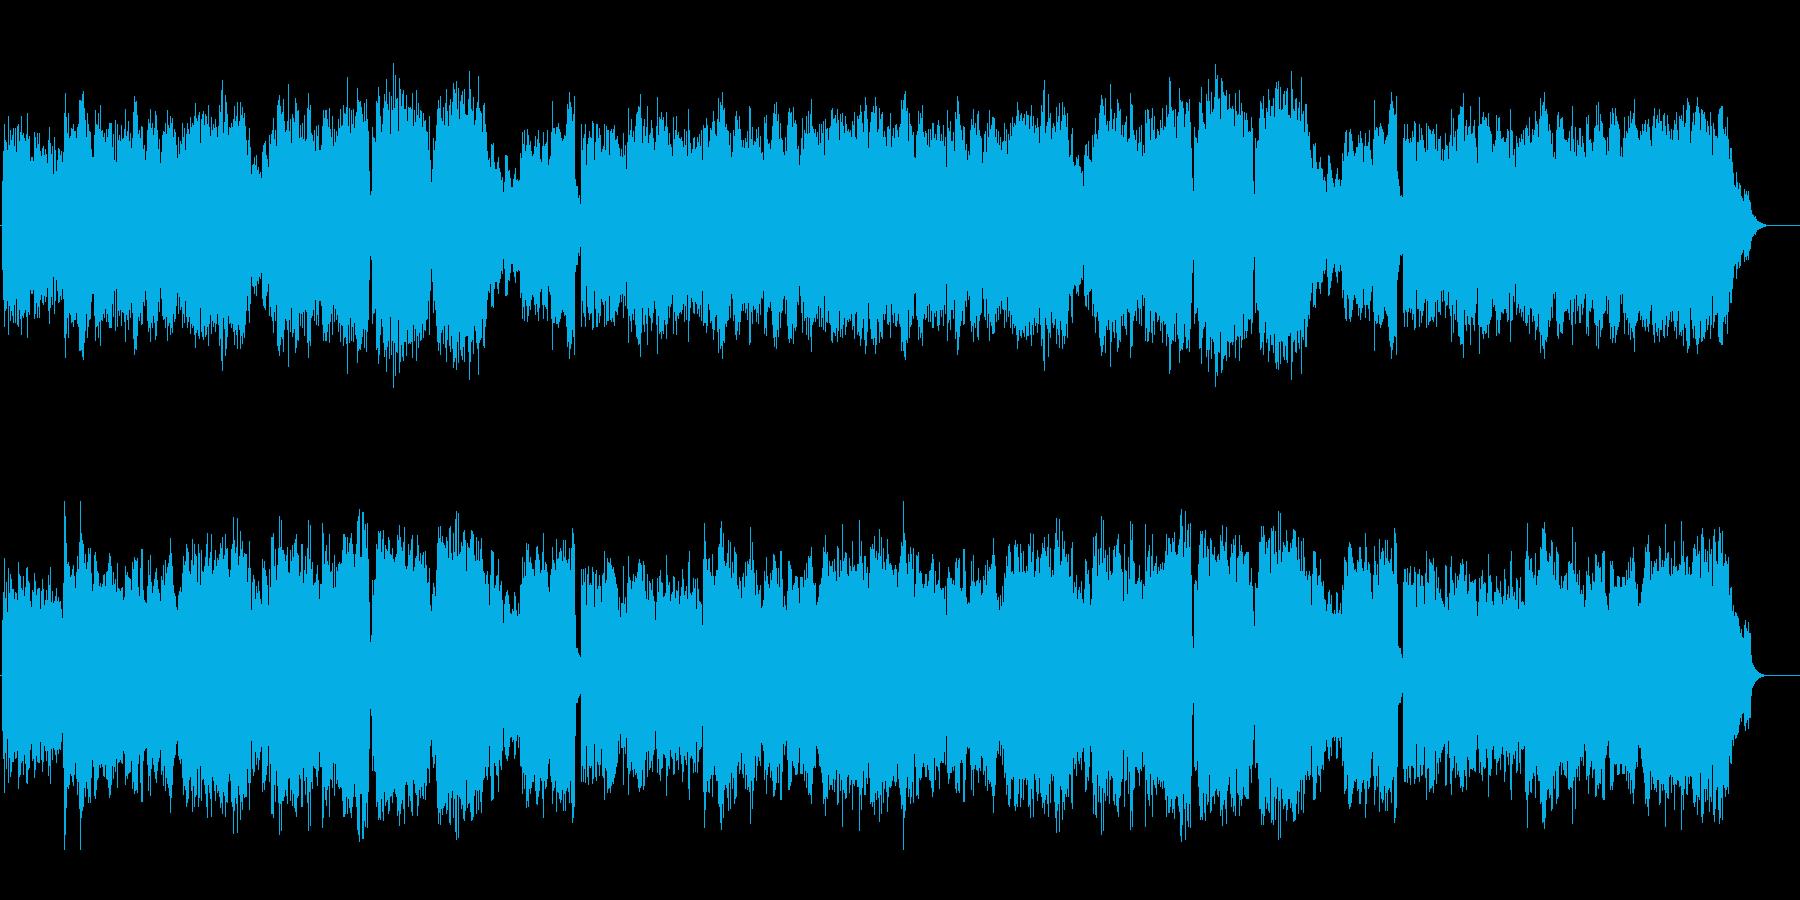 ヨーロピアンエレガントを醸し出す上品な曲の再生済みの波形